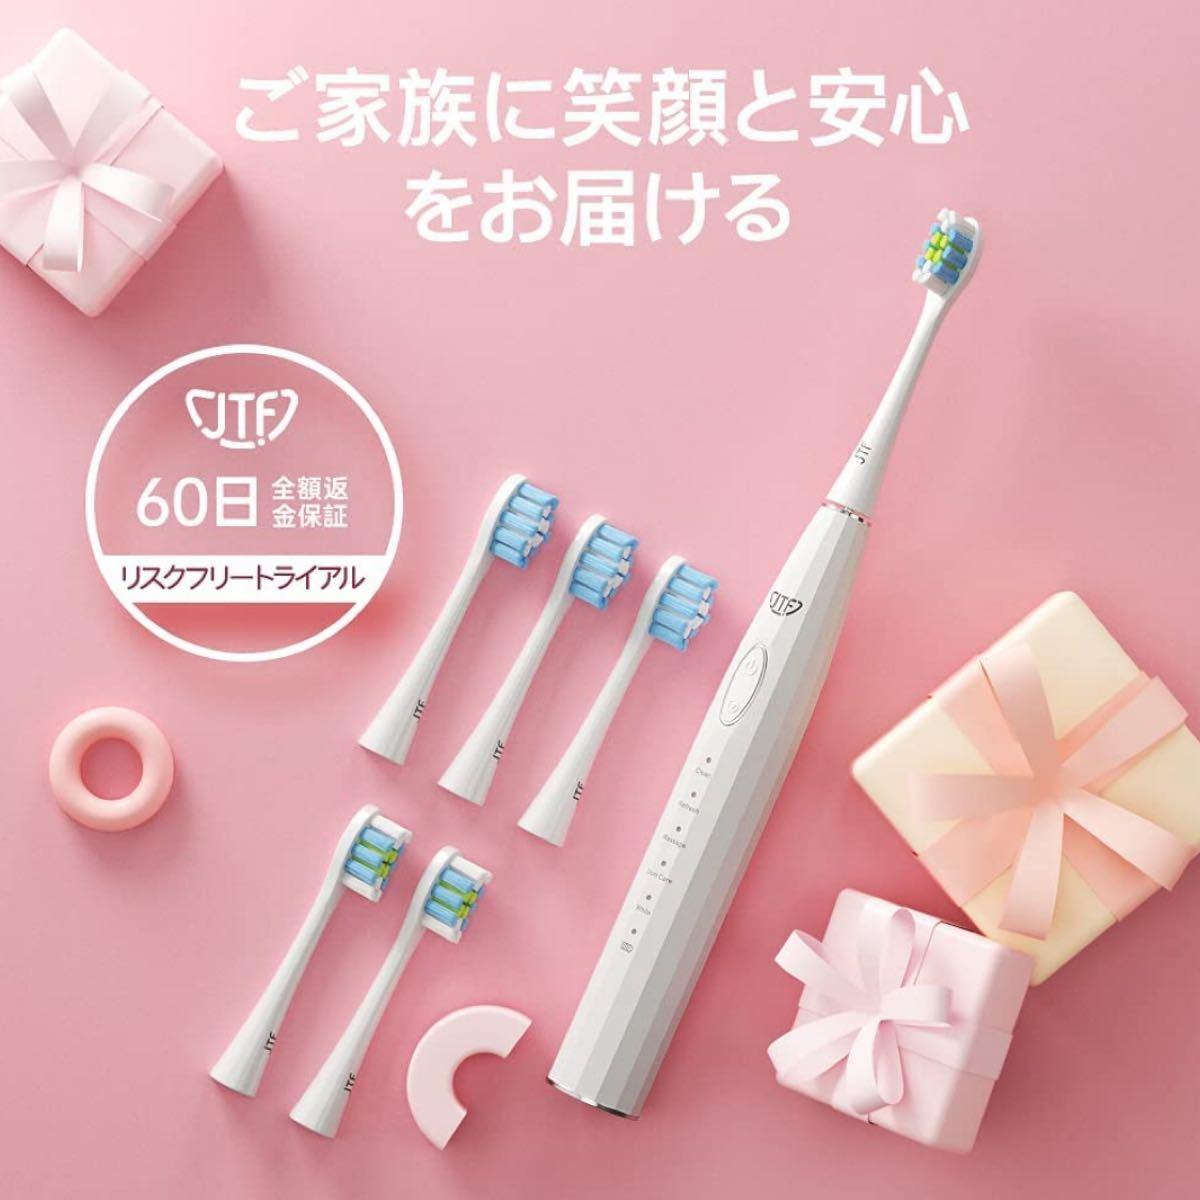 電動歯ブラシ 歯垢除去 ホワイトニング 音波歯ブラシ 替えブラシ5本 セット